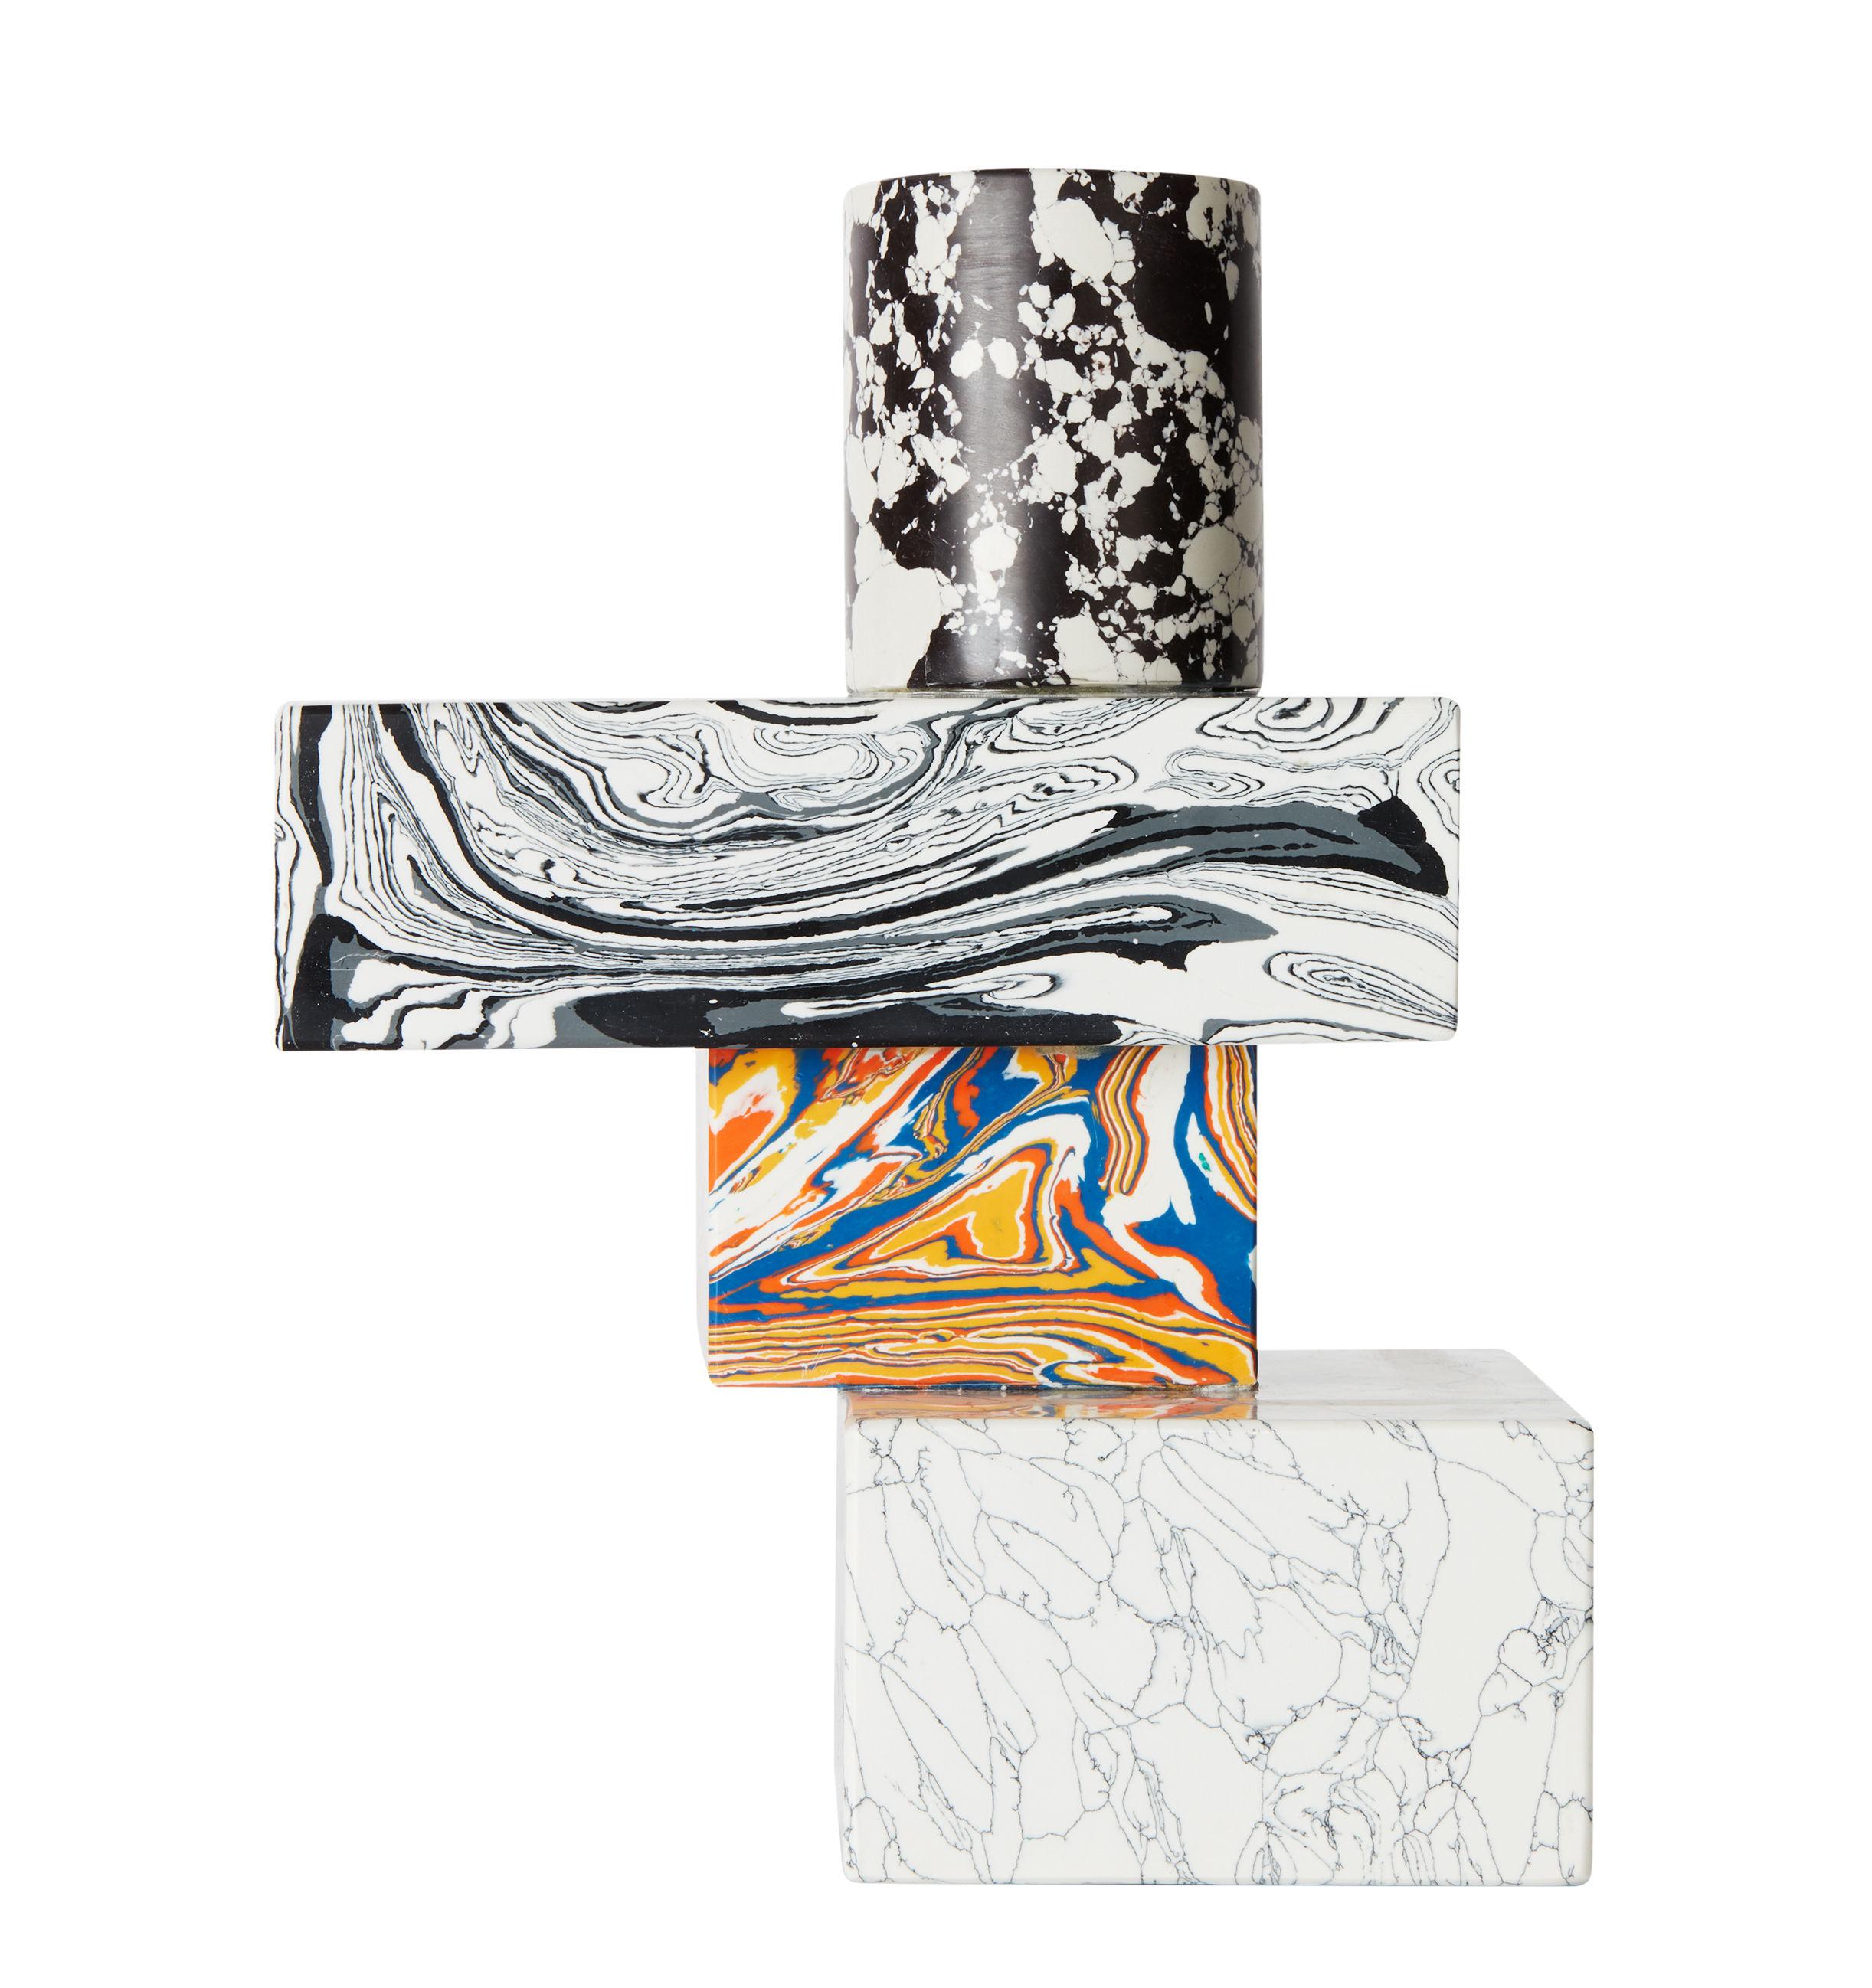 Déco - Bougeoirs, photophores - Chandelier Swirl Multi / Effet marbre - Tom Dixon - Multicolore - Pigments, Poudre de marbre recyclée, Résine